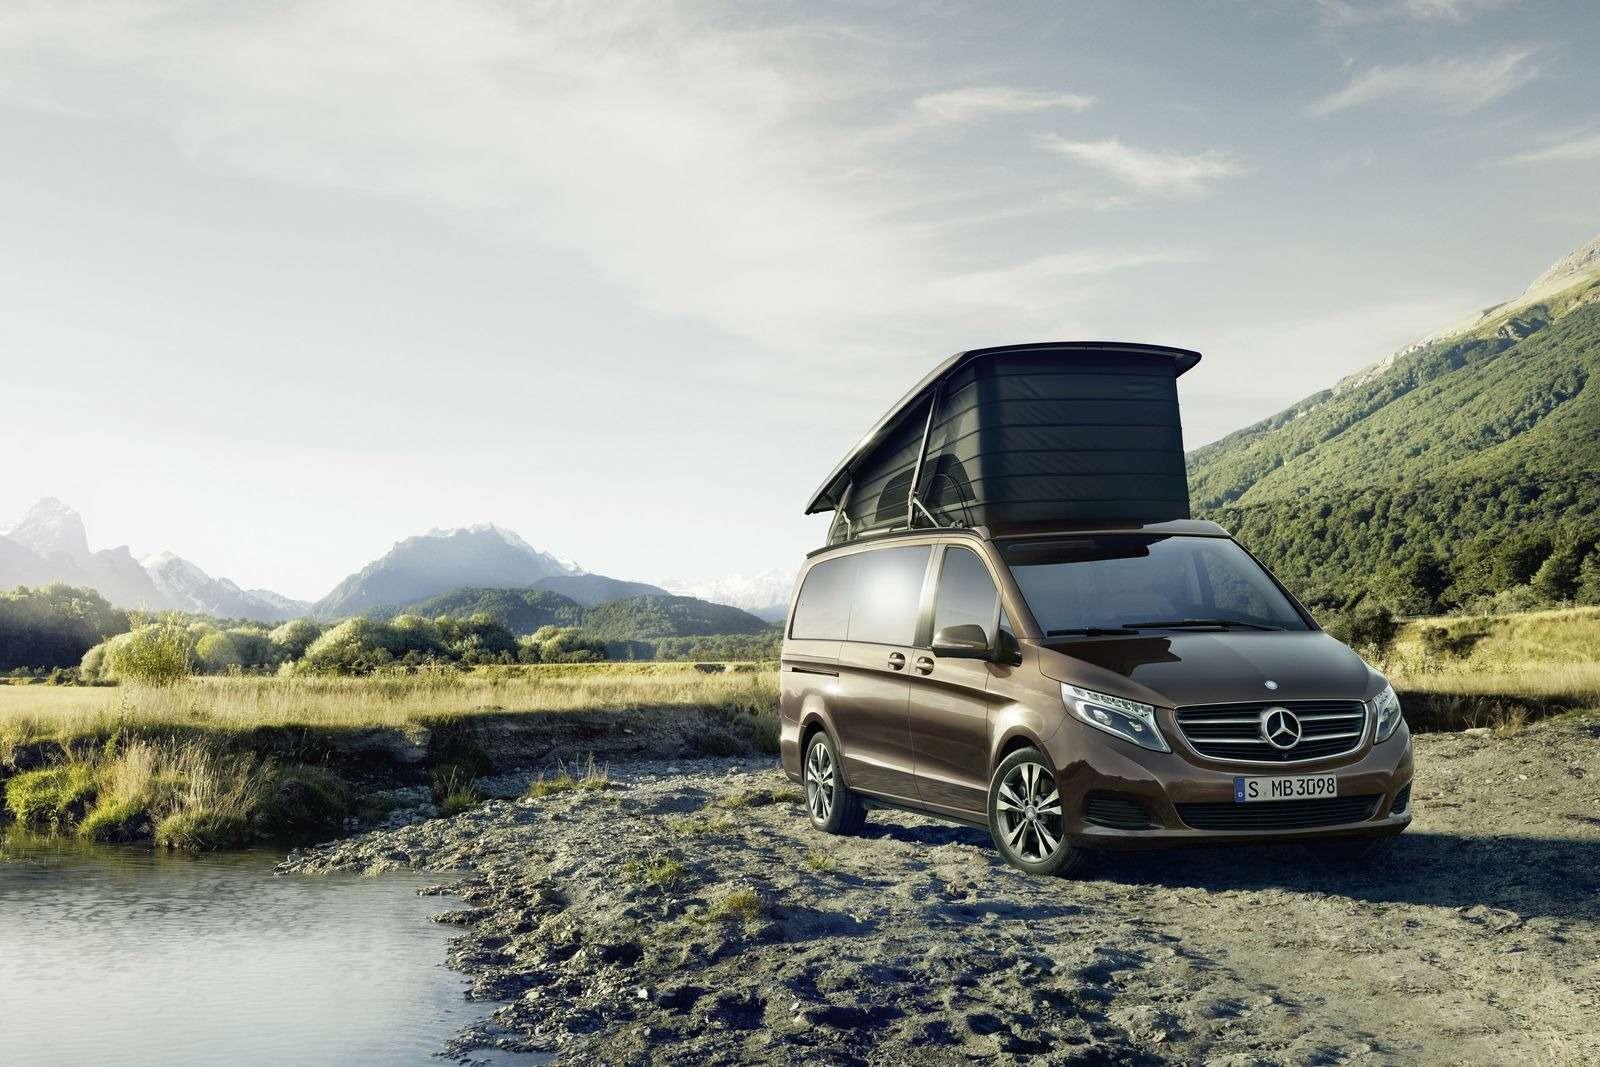 Mercedes-Benz предложил покупателям вРоссии микроавтобус дляпутешествий— фото 368338